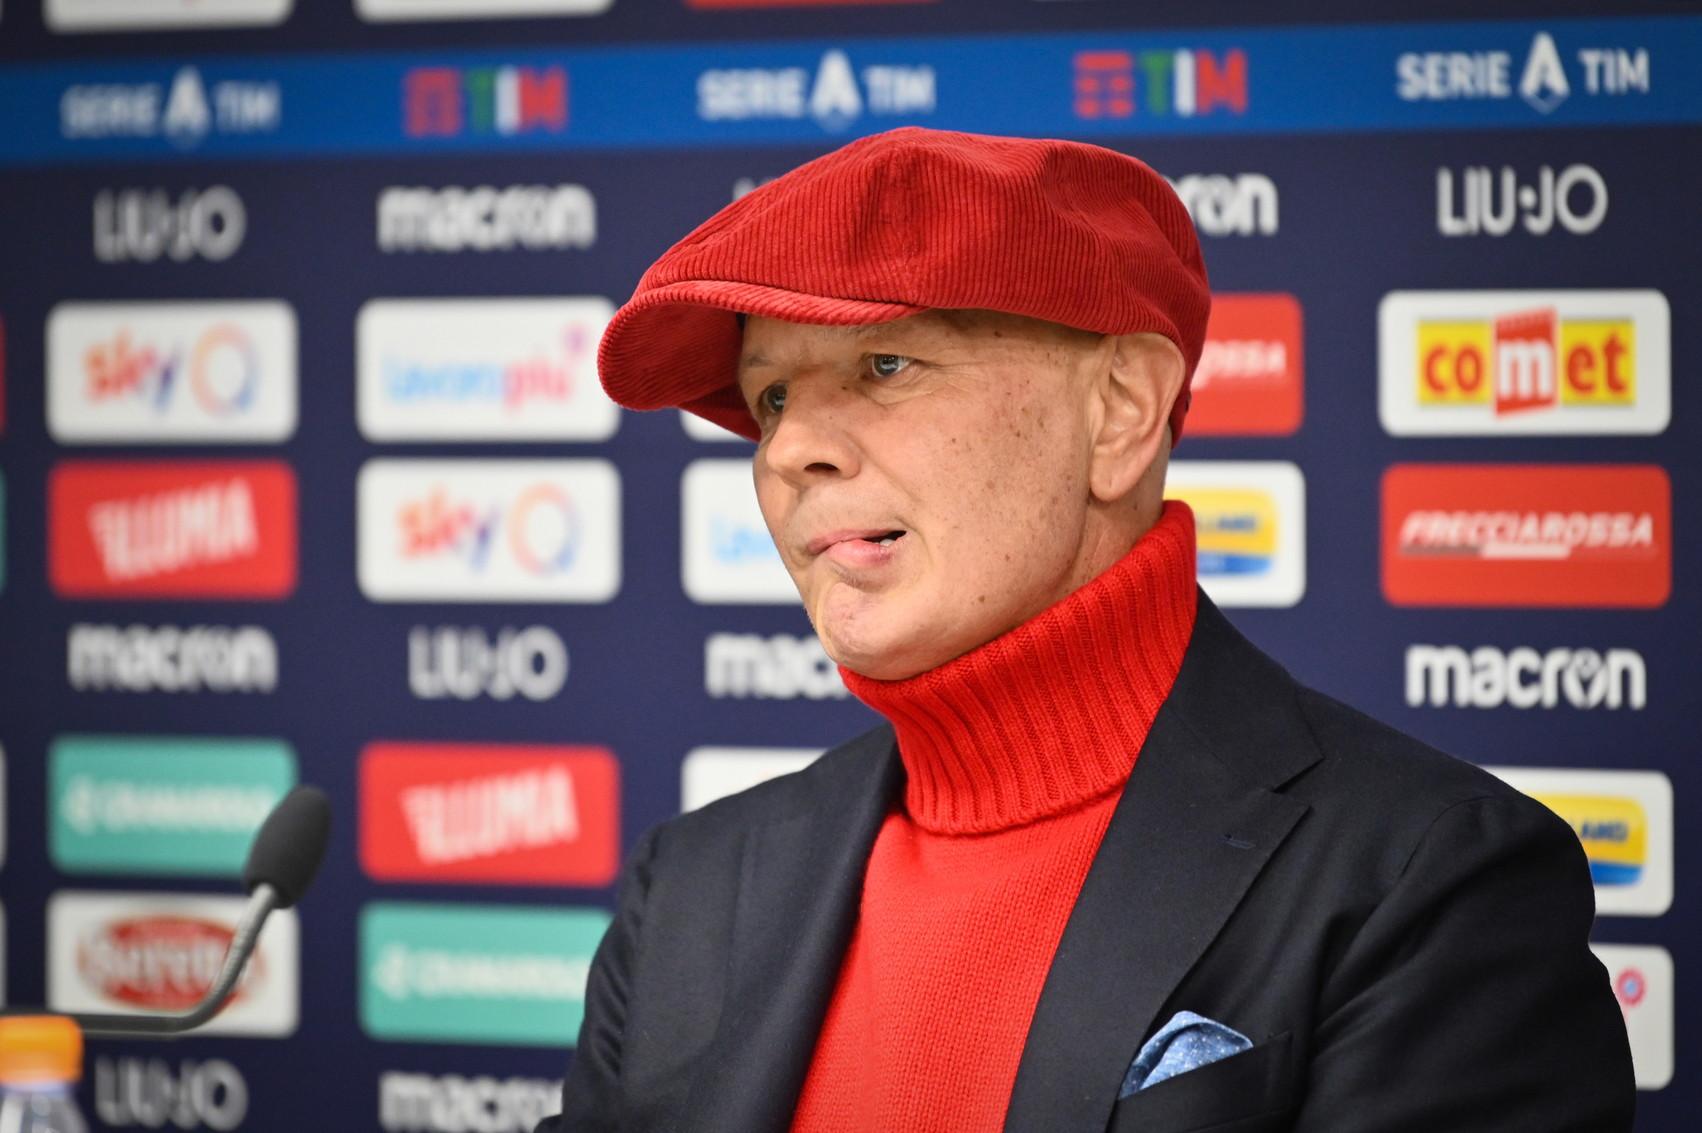 Grande emozione in casa Bologna per la conferenza dell'allenatore che fa il punto sulla sua malattia